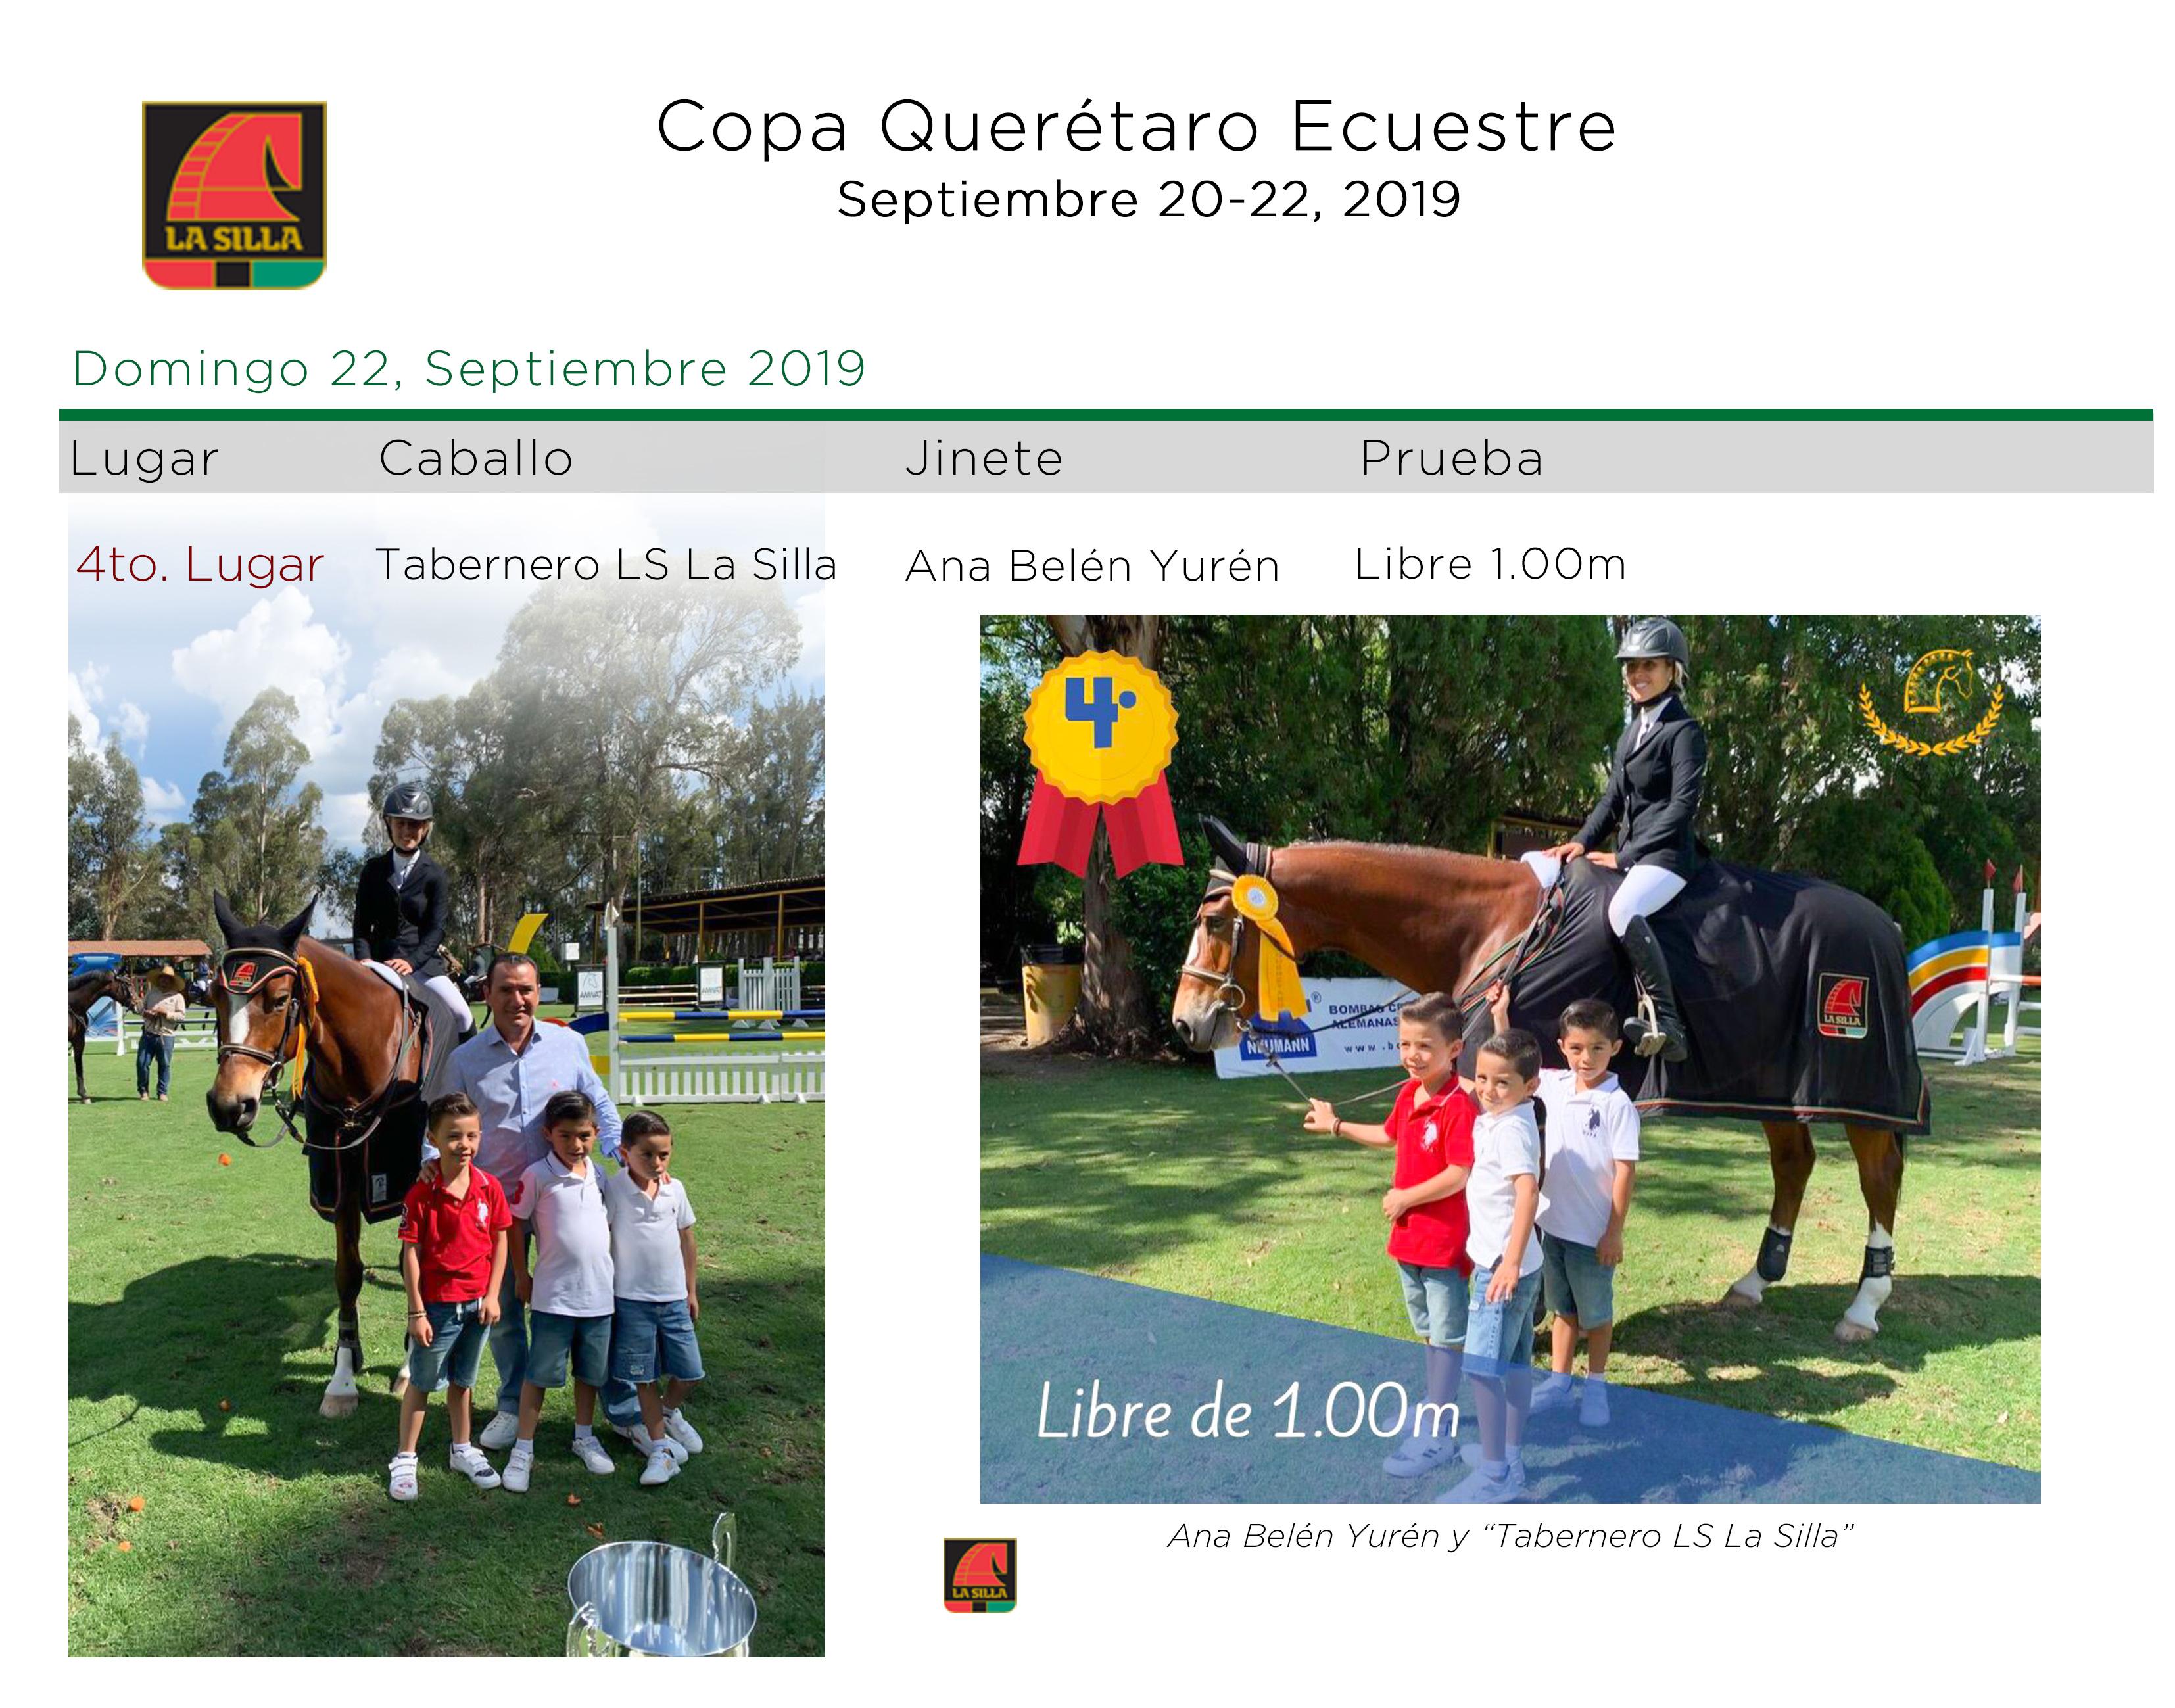 Copa-Queretaro-Ecuestre-20-22-Sept-2019